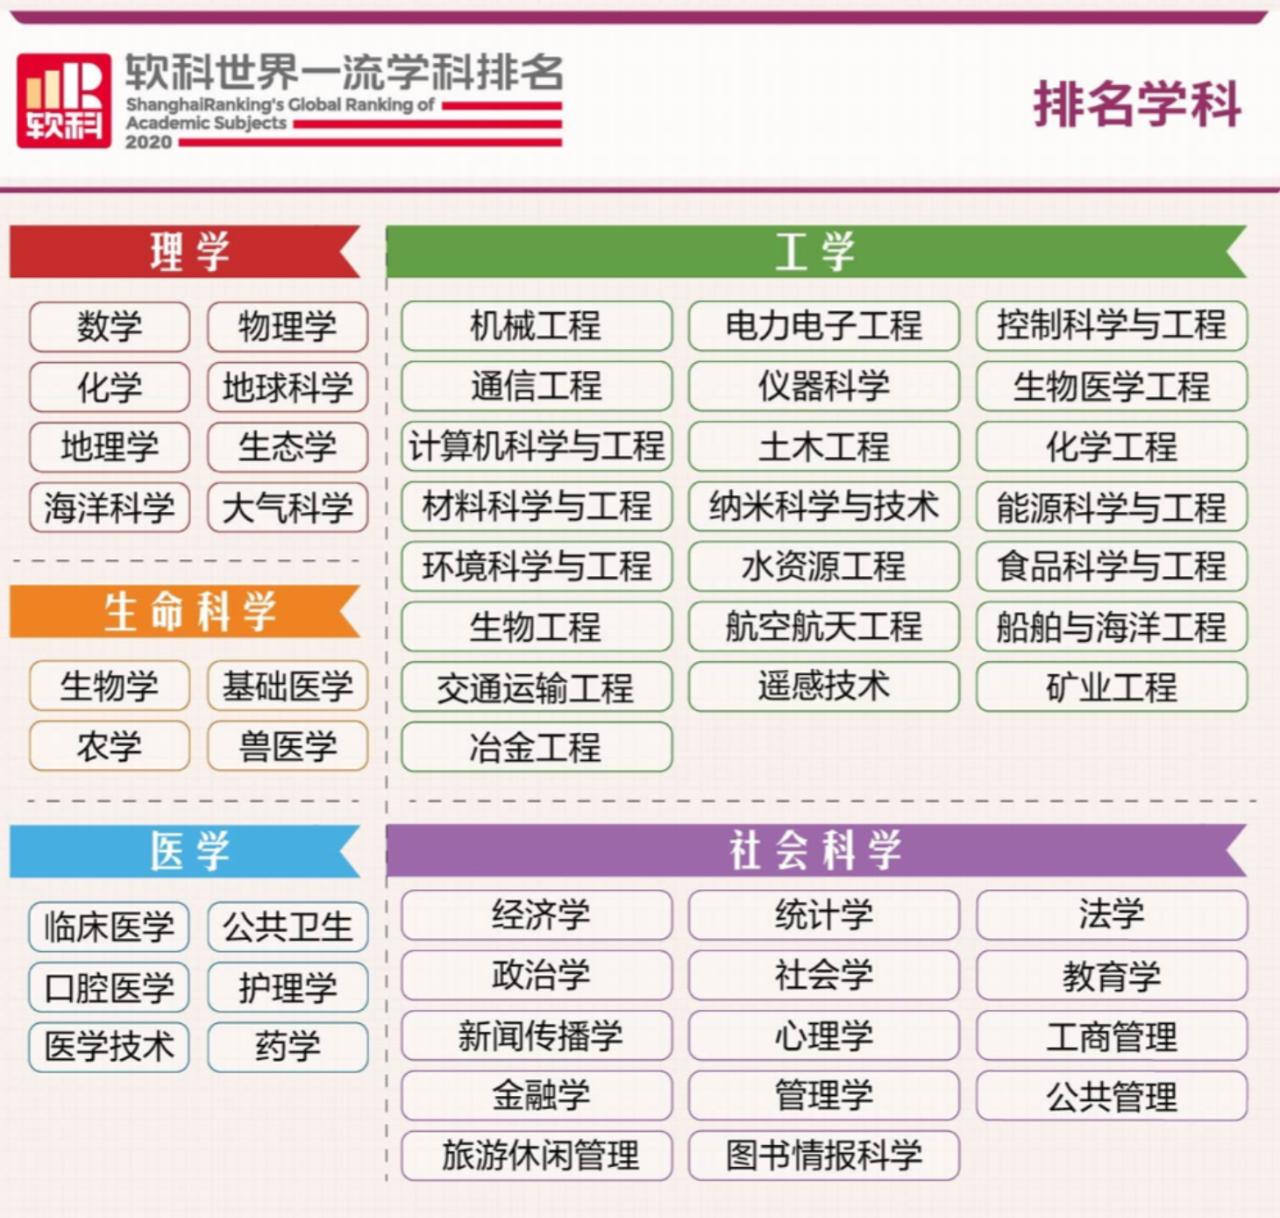 上海软科发布2020年世界一流学科排名!国内高校工程专业毫不逊色,与美国大学共同领跑!